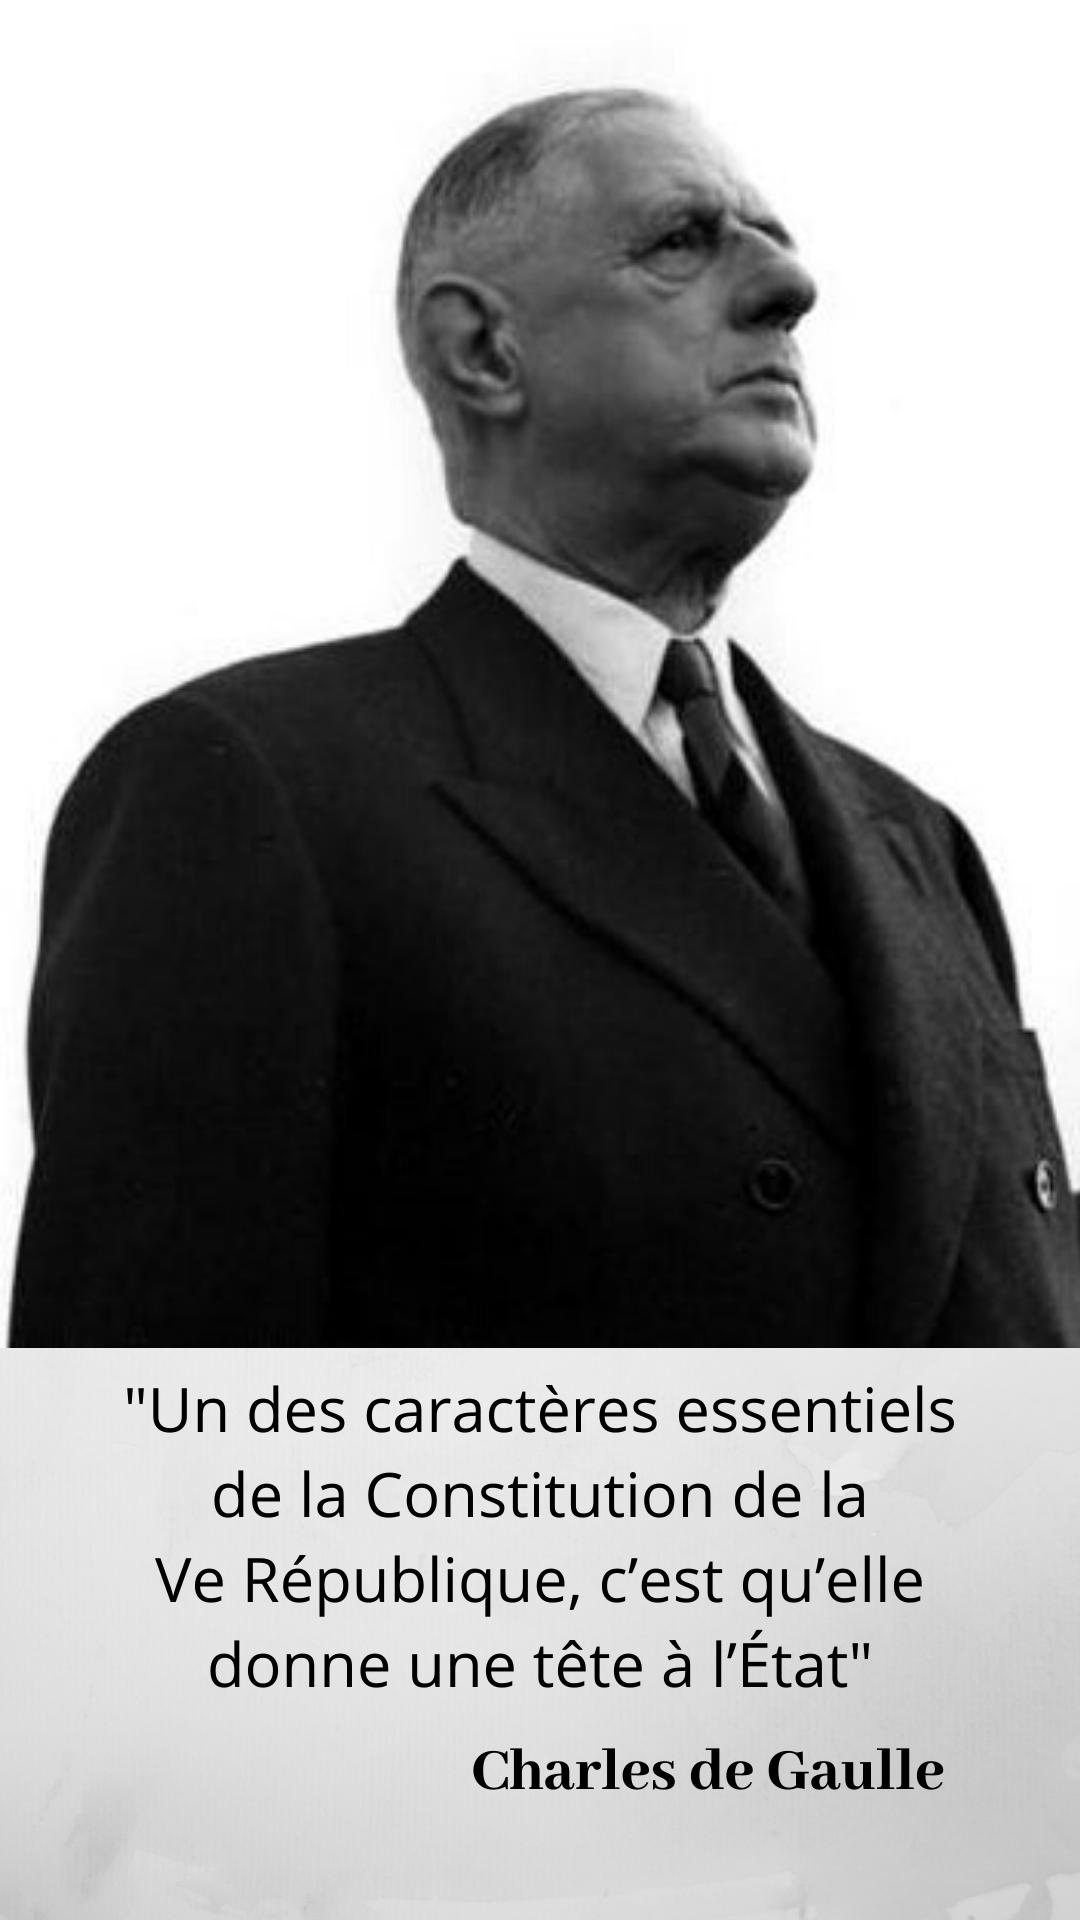 Le Qui A Dit Du Jour Il Est Tres Bien Place Pour Le Dire Citation De Gaulle Gaulle Republique